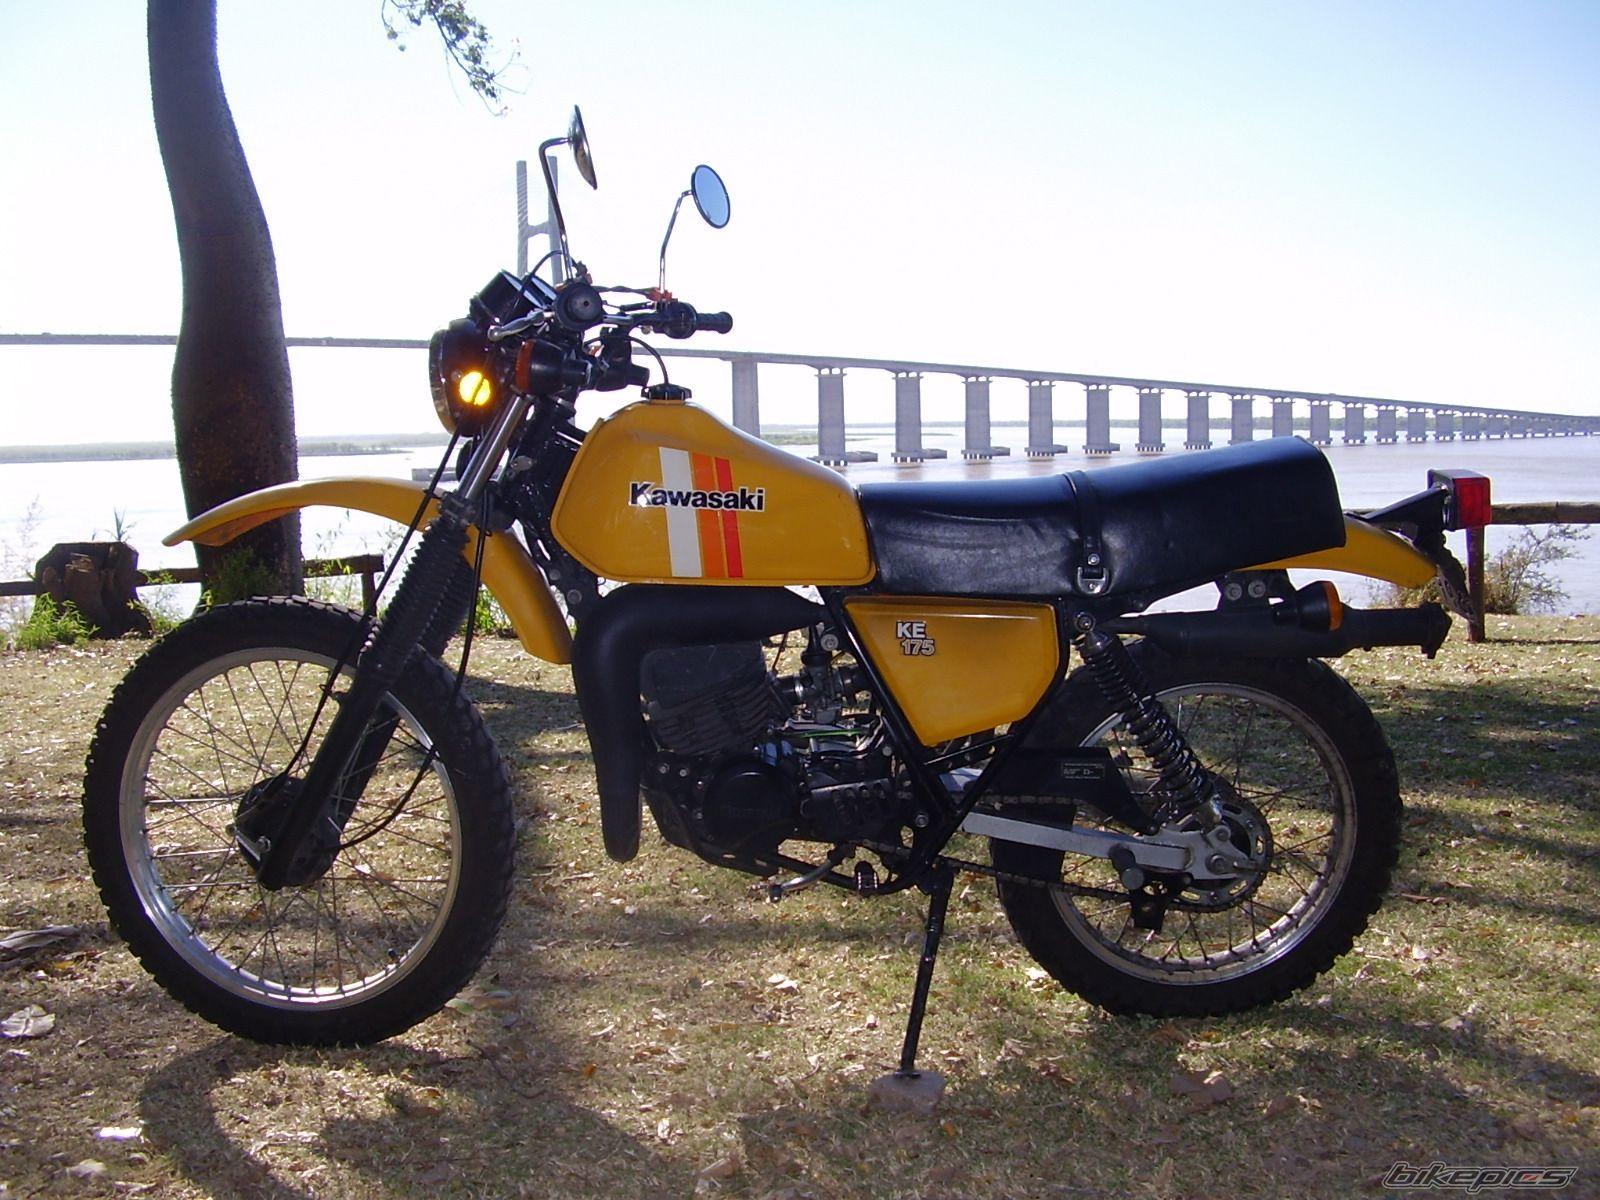 Kawasaki Ke 175 1985 2 Tiempos Mi Tercera Moto Motos Clasicas Motos Vehiculos